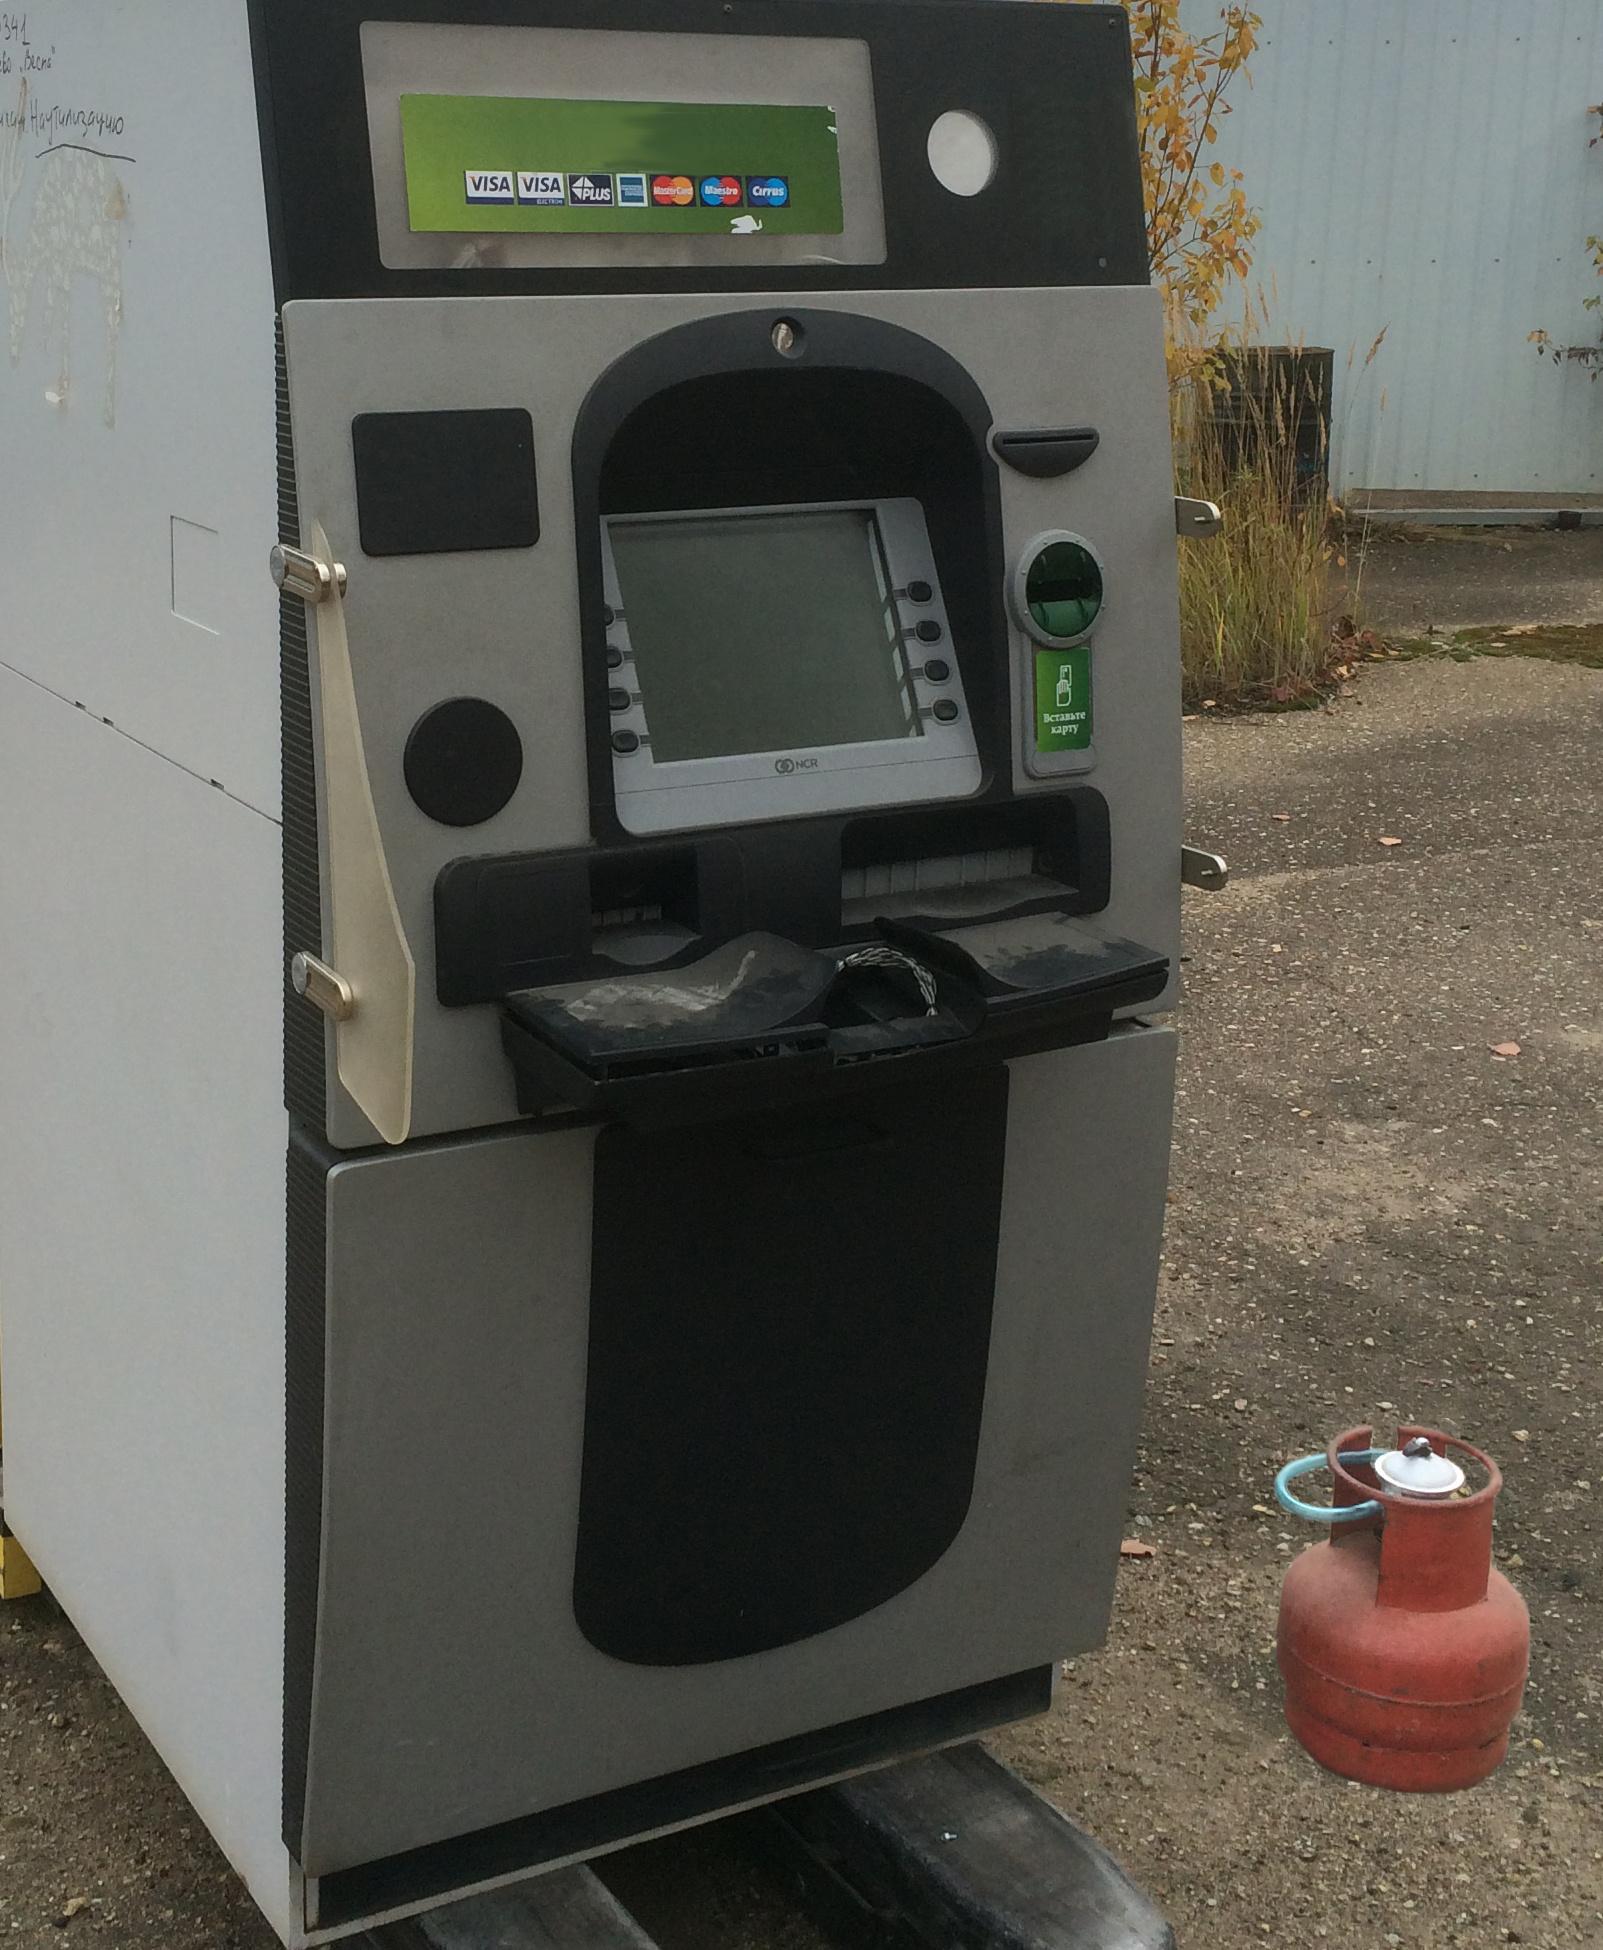 Про безопасность банкоматов и разработку охранного извещателя (продолжение)